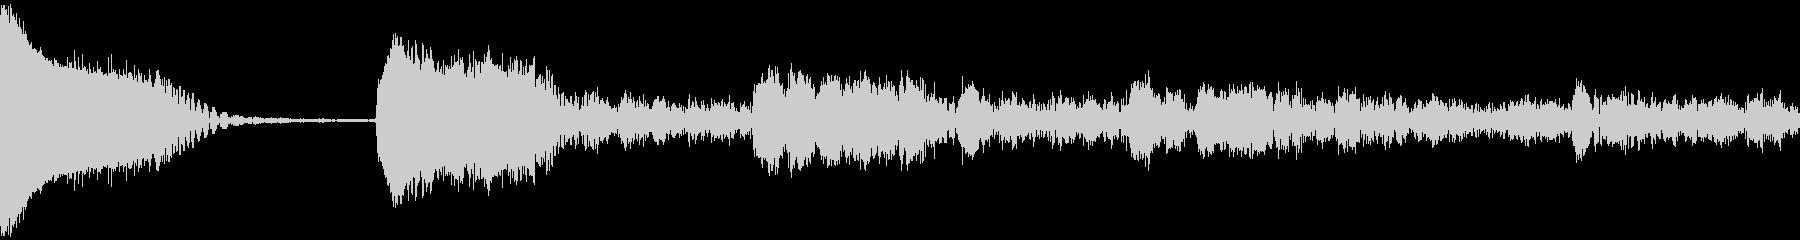 アナログFX 14の未再生の波形